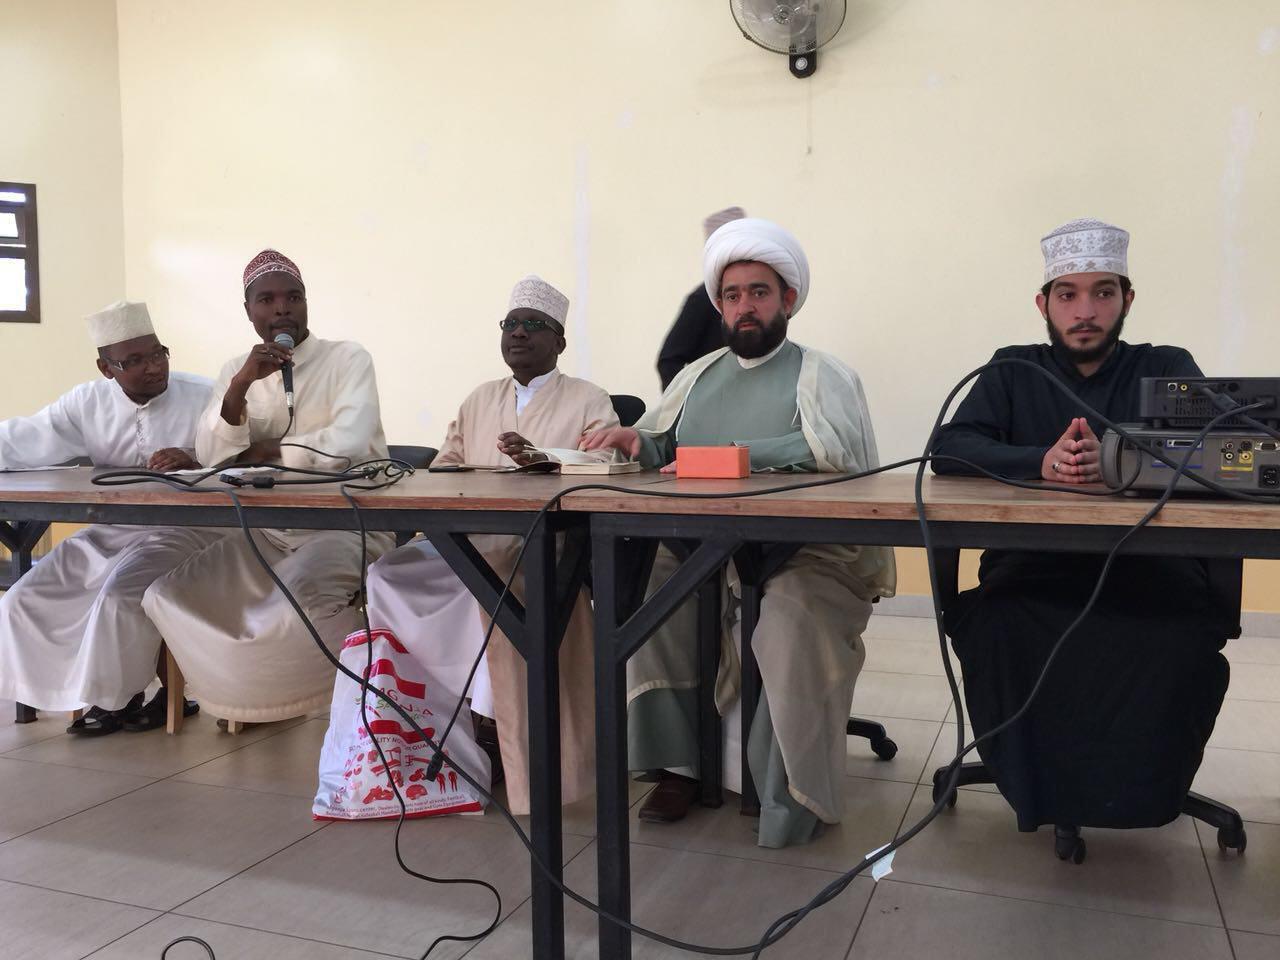 تصویر ادامه فعالیت های فرهنگی- مذهبی «مرکز اهل بیت علیهم السلام» در کشور  تانزانیا